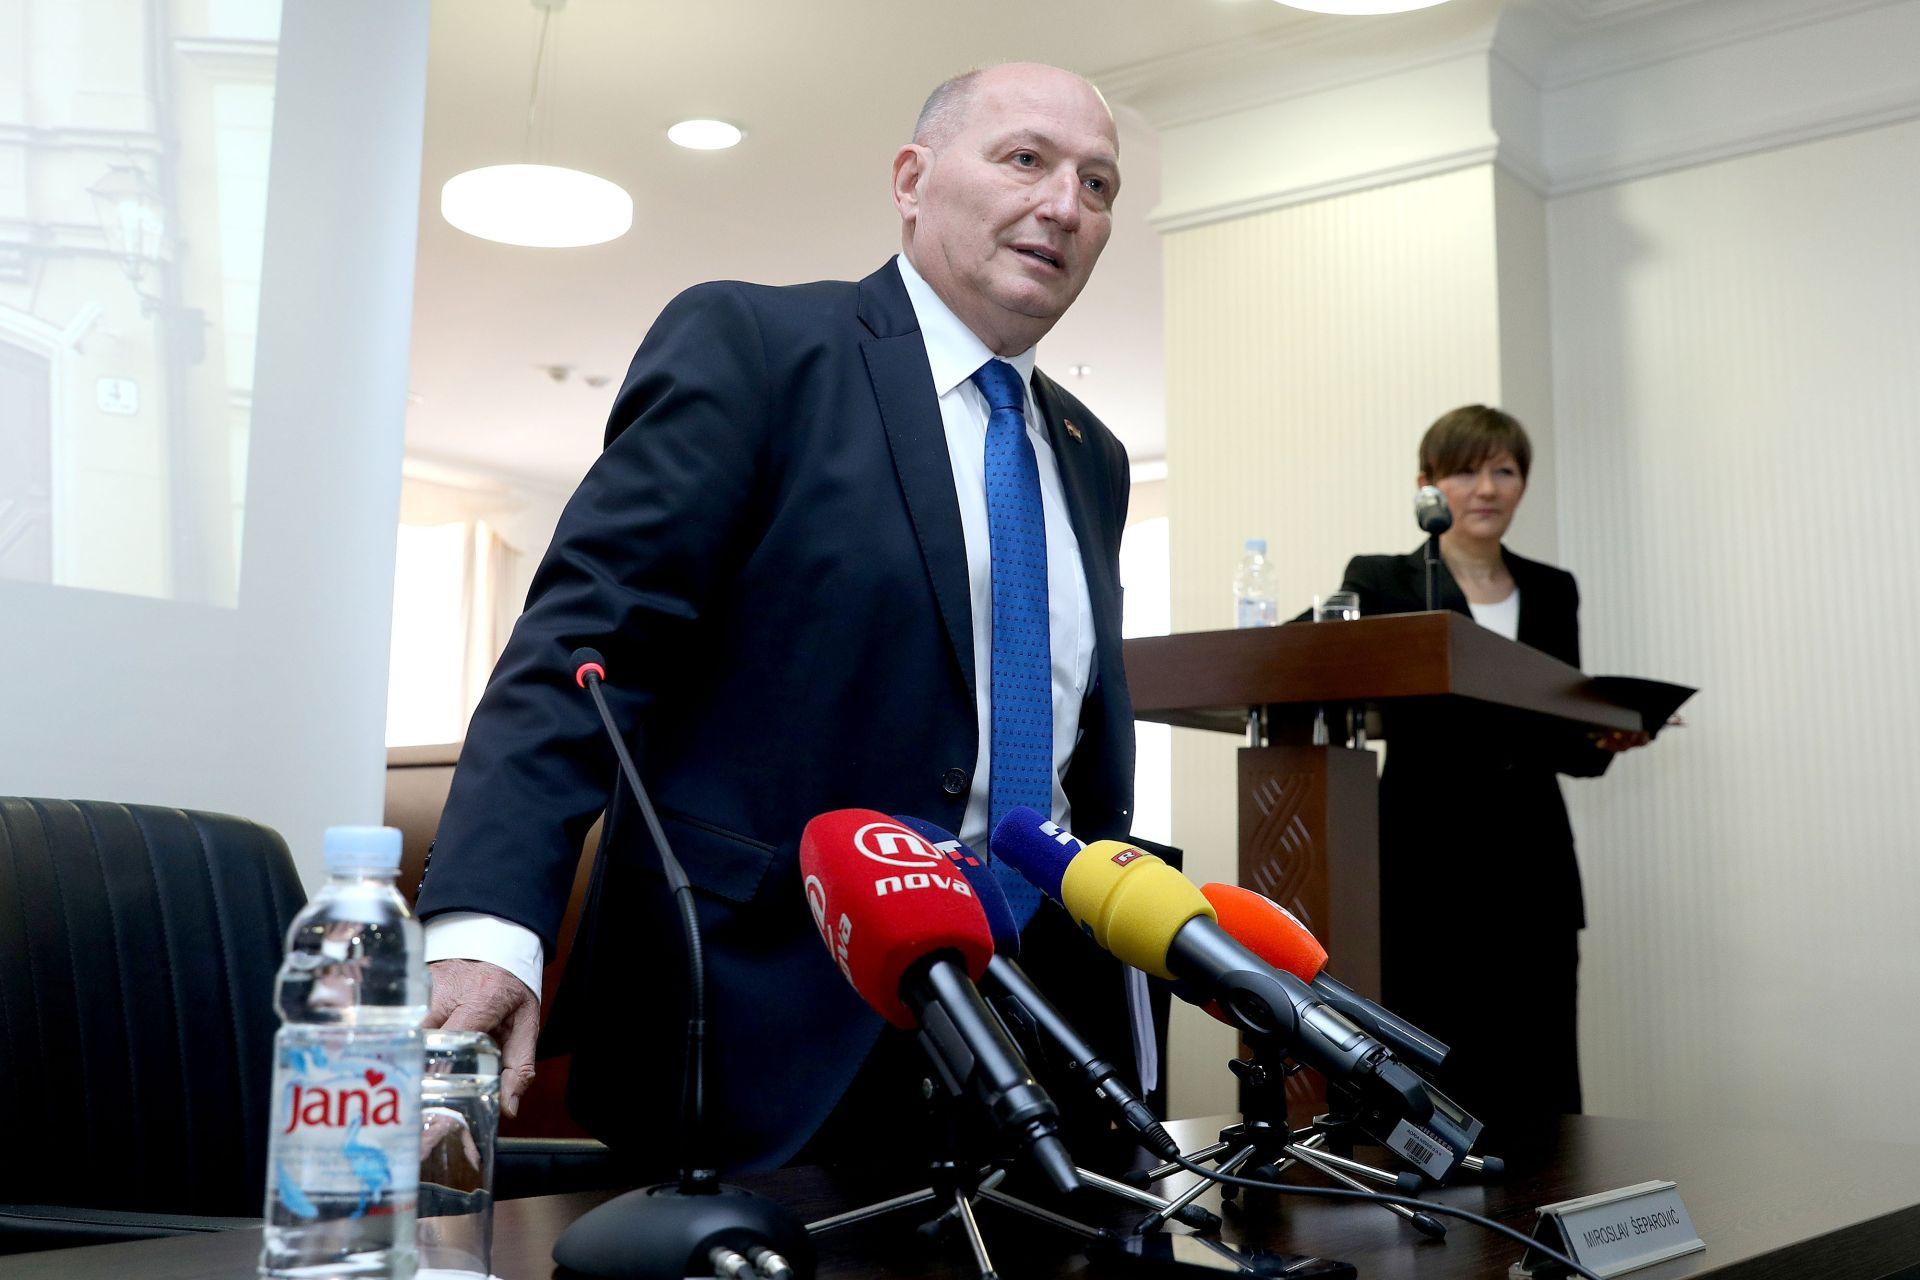 NAJAVLJENE NOVE ODLUKE: Šeparović kandidat za još jedan mandat na čelu Ustavnog suda